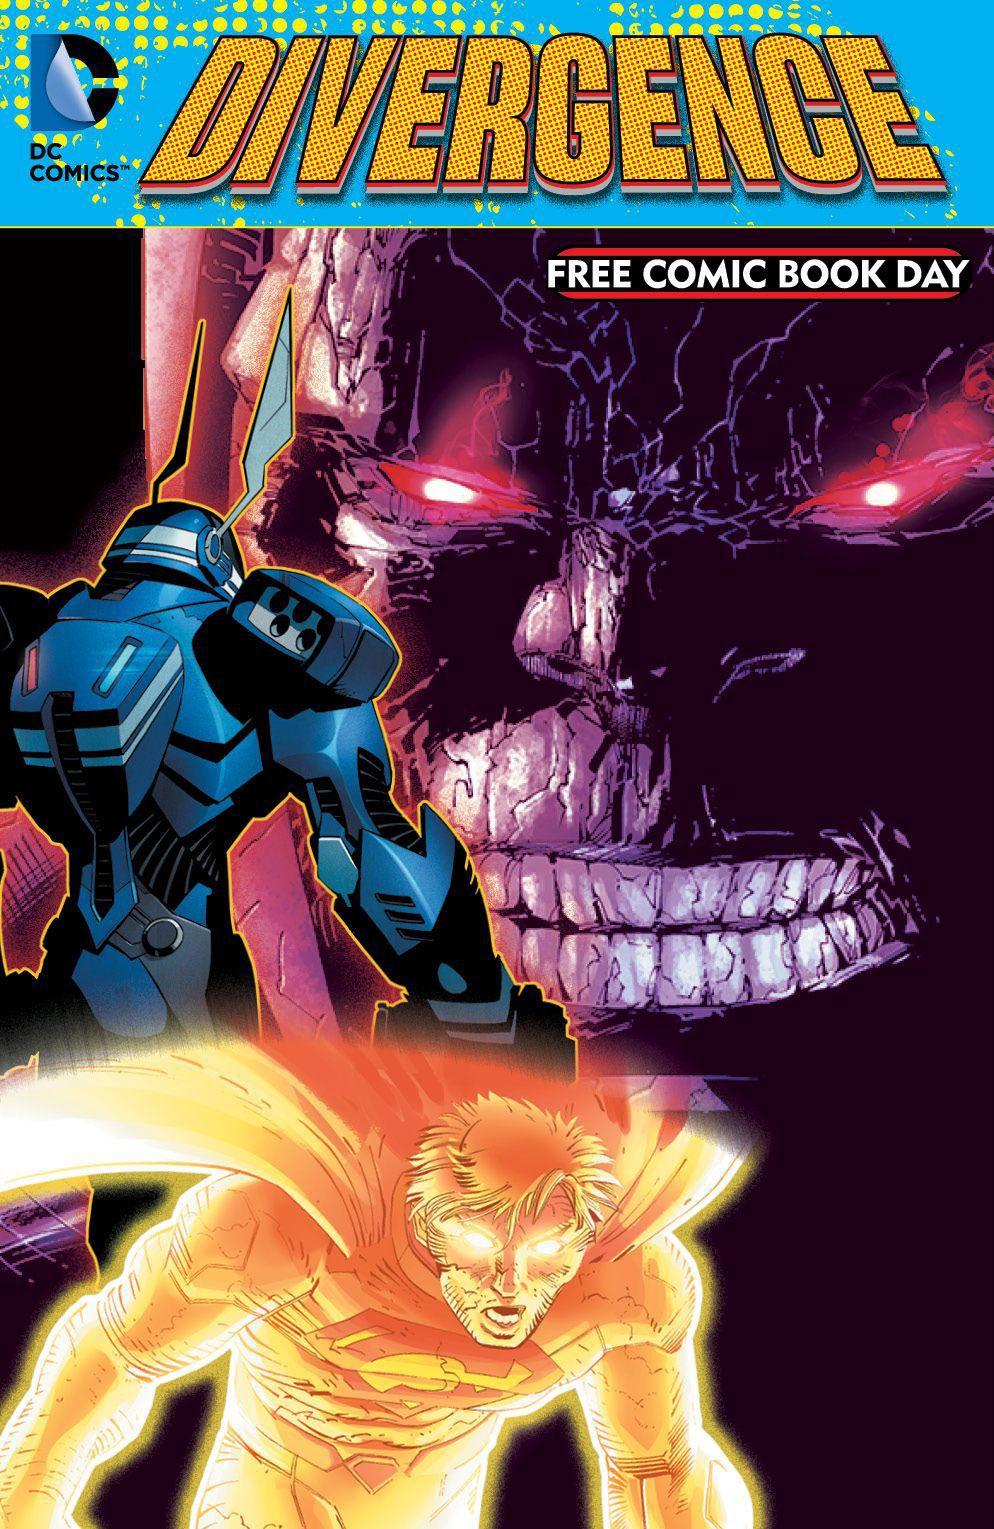 No caper: Bruce Wayne dethroned for armor-wearing Dark Knight